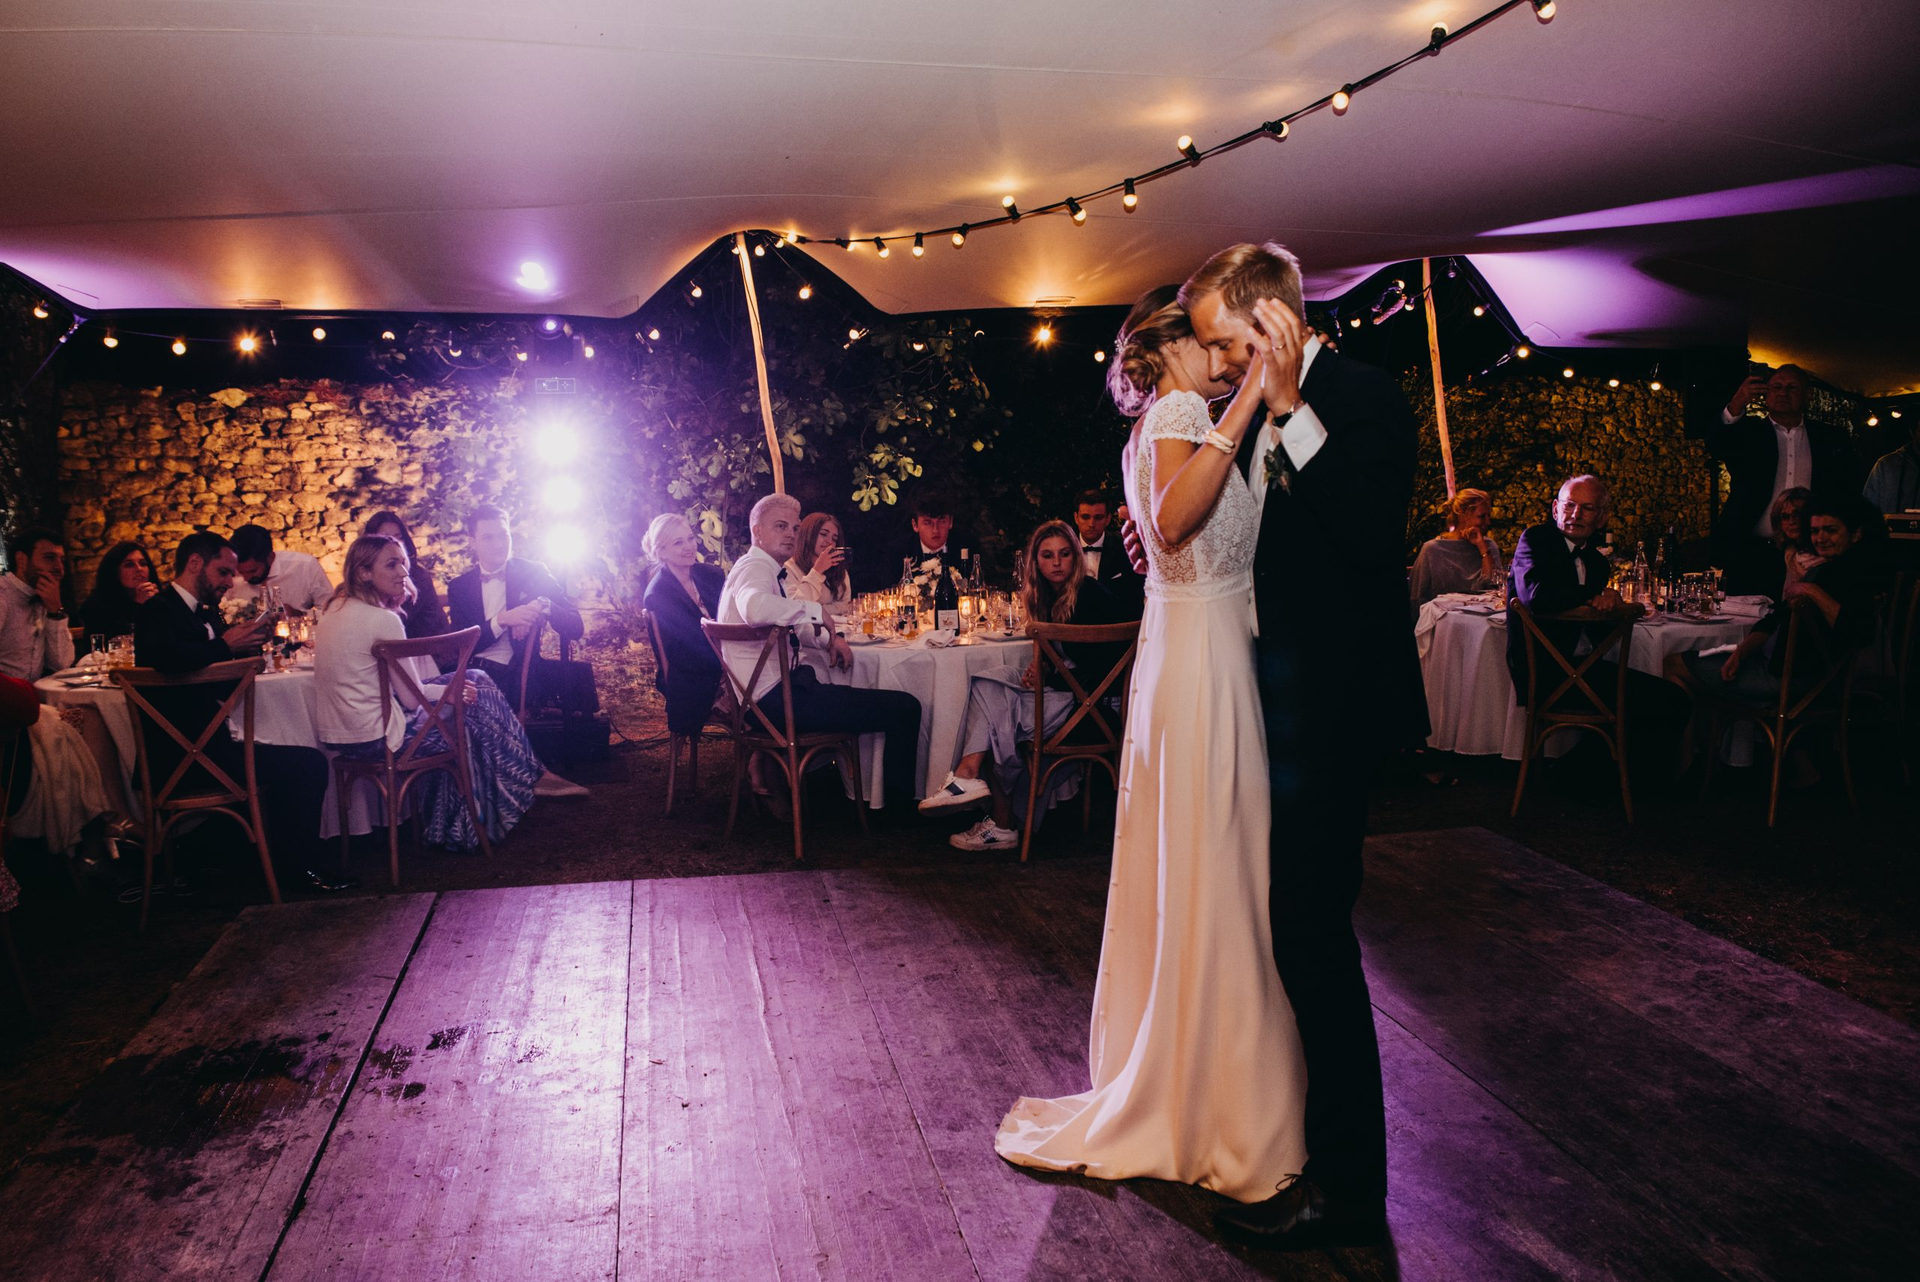 ouverture de bal mariage tente stretch plancher en bois danse des mariés location mobilier décoration south of france